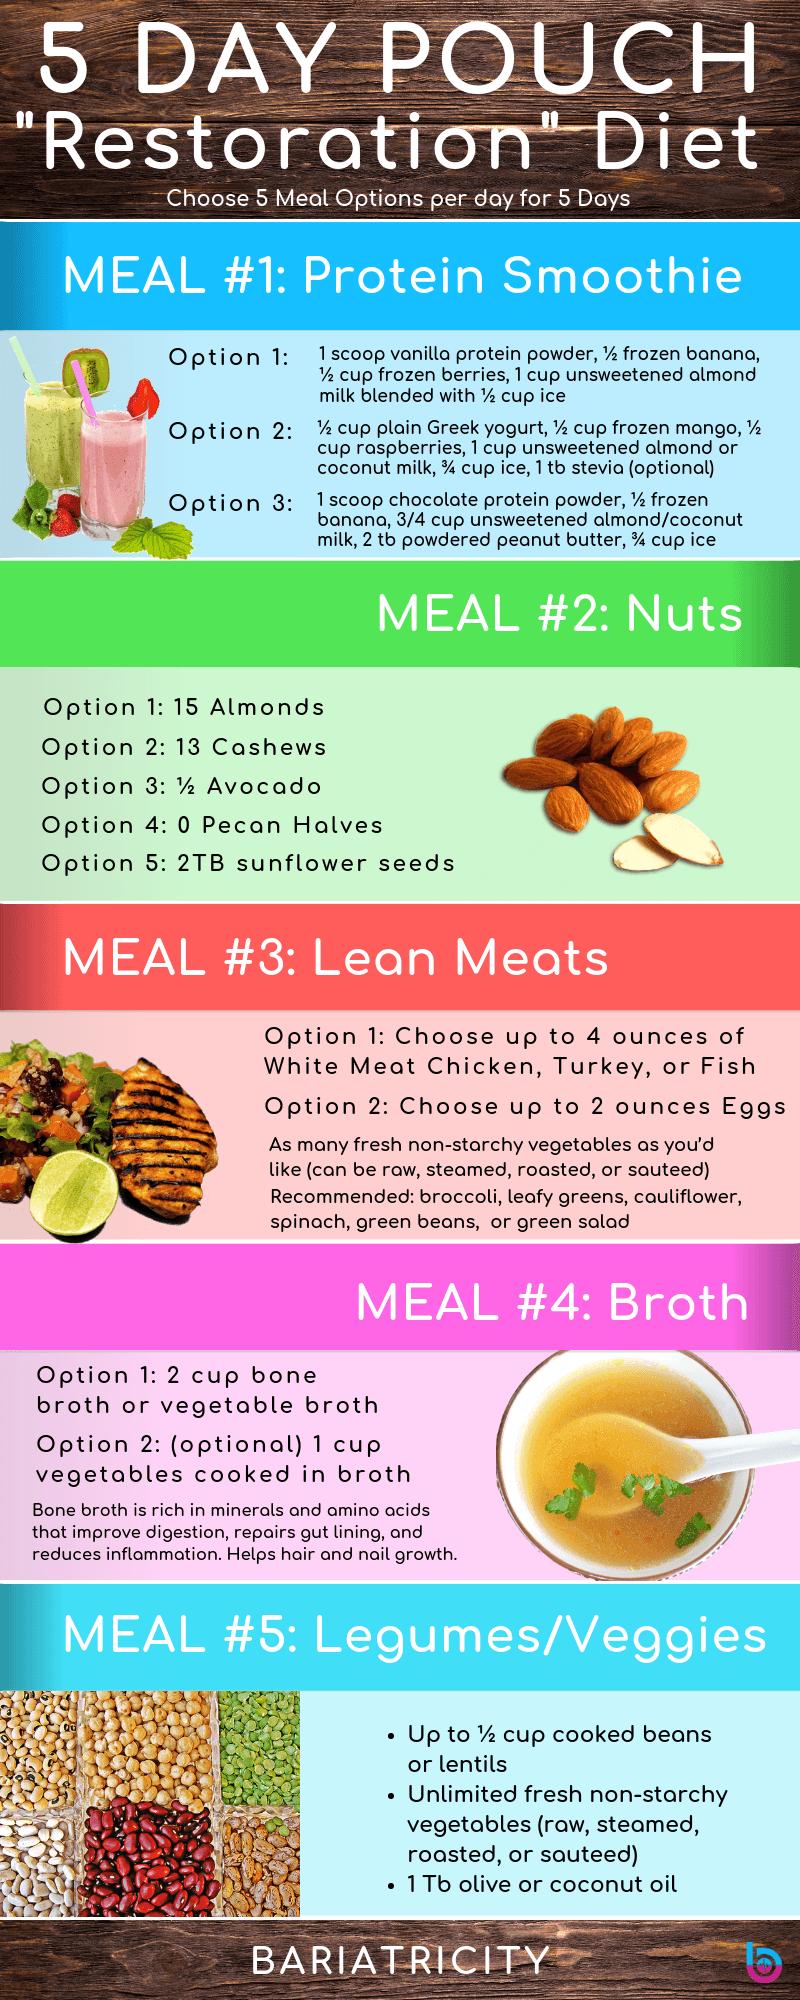 5-Tage-Diät zur Wiederherstellung von Beuteln – Die neue Diät zum Zurücksetzen mit Ernährungsplan   – VSG